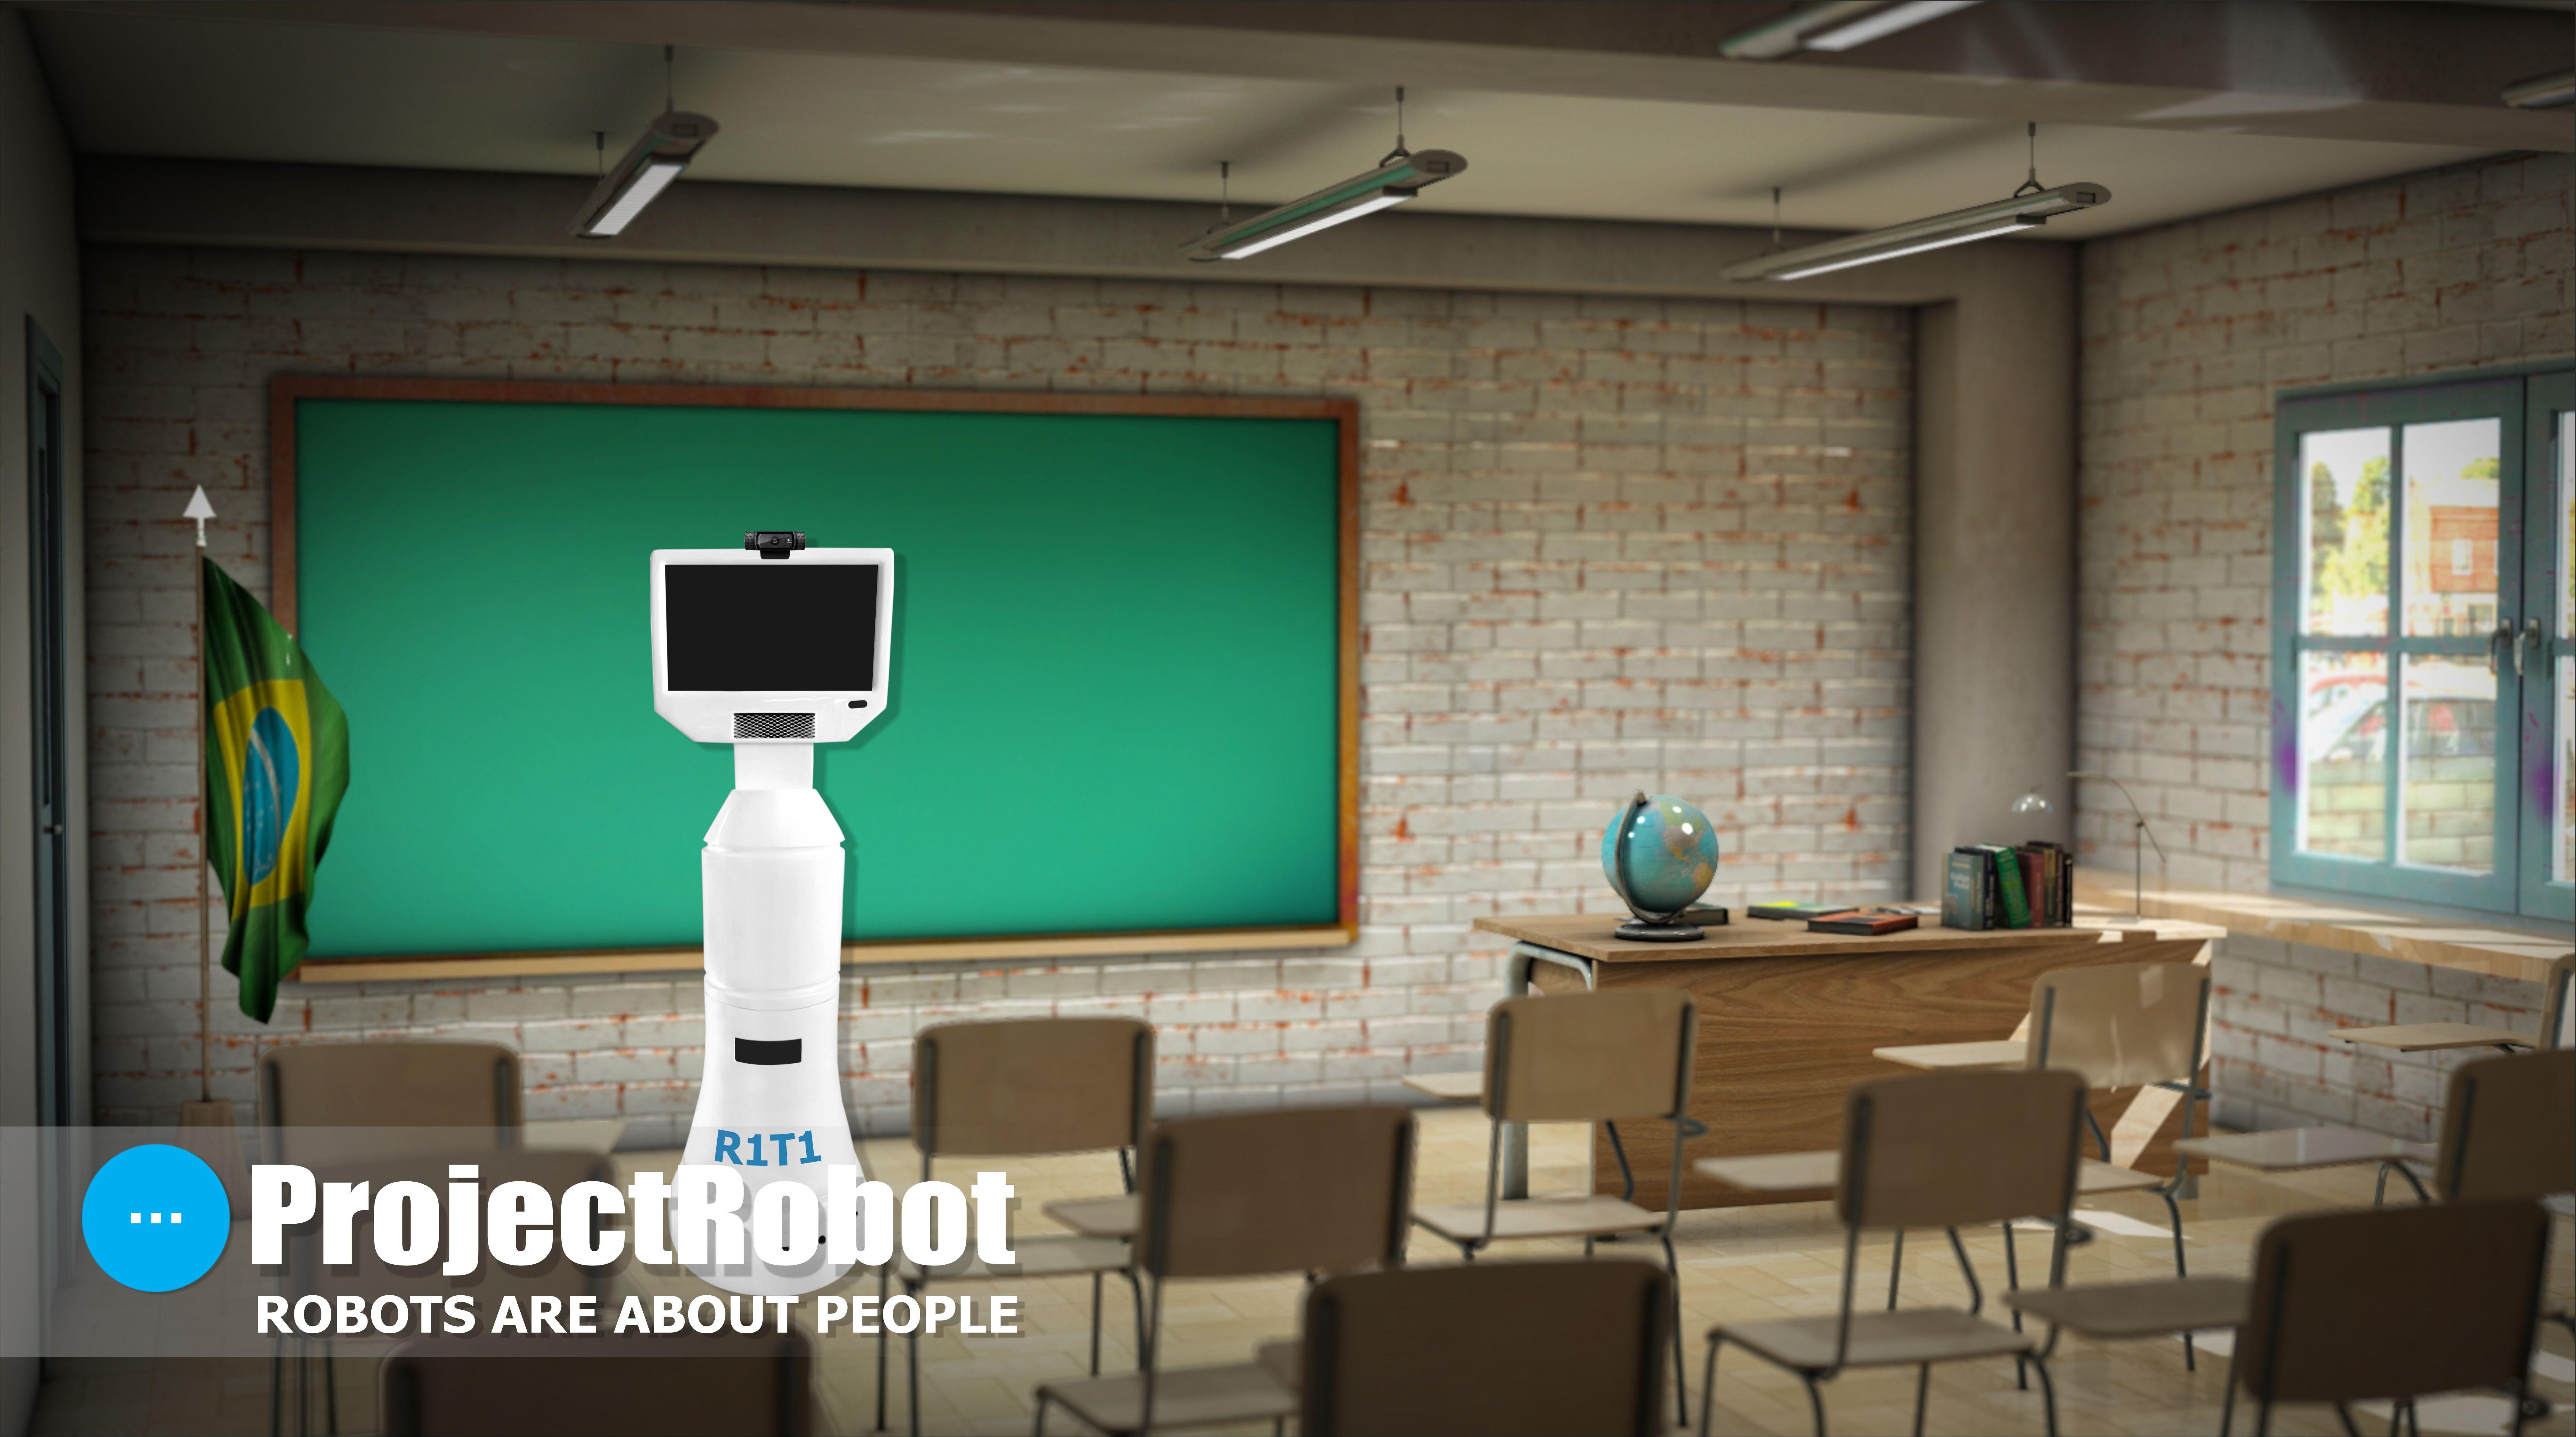 R1T1 Educação